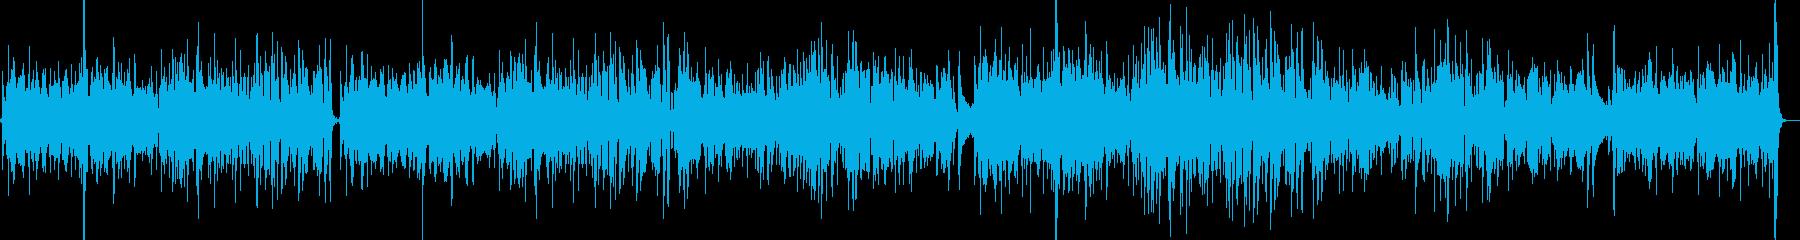 悲しげなボサノバ調の曲の再生済みの波形